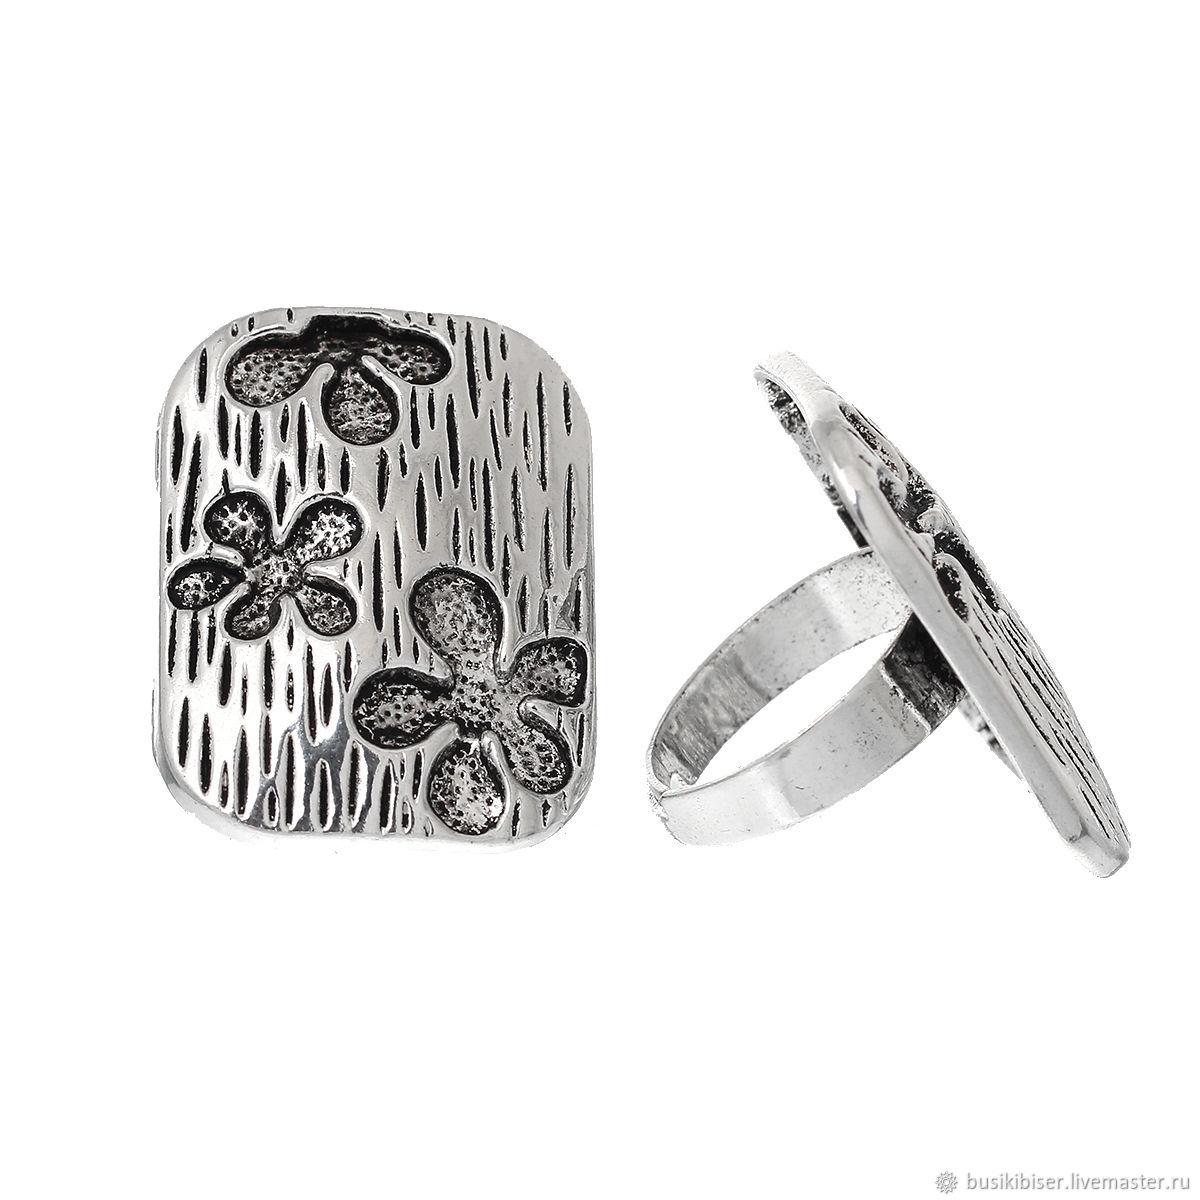 Основа для кольца прямоугольная регулируемая `Цветок` 17.5 мм.